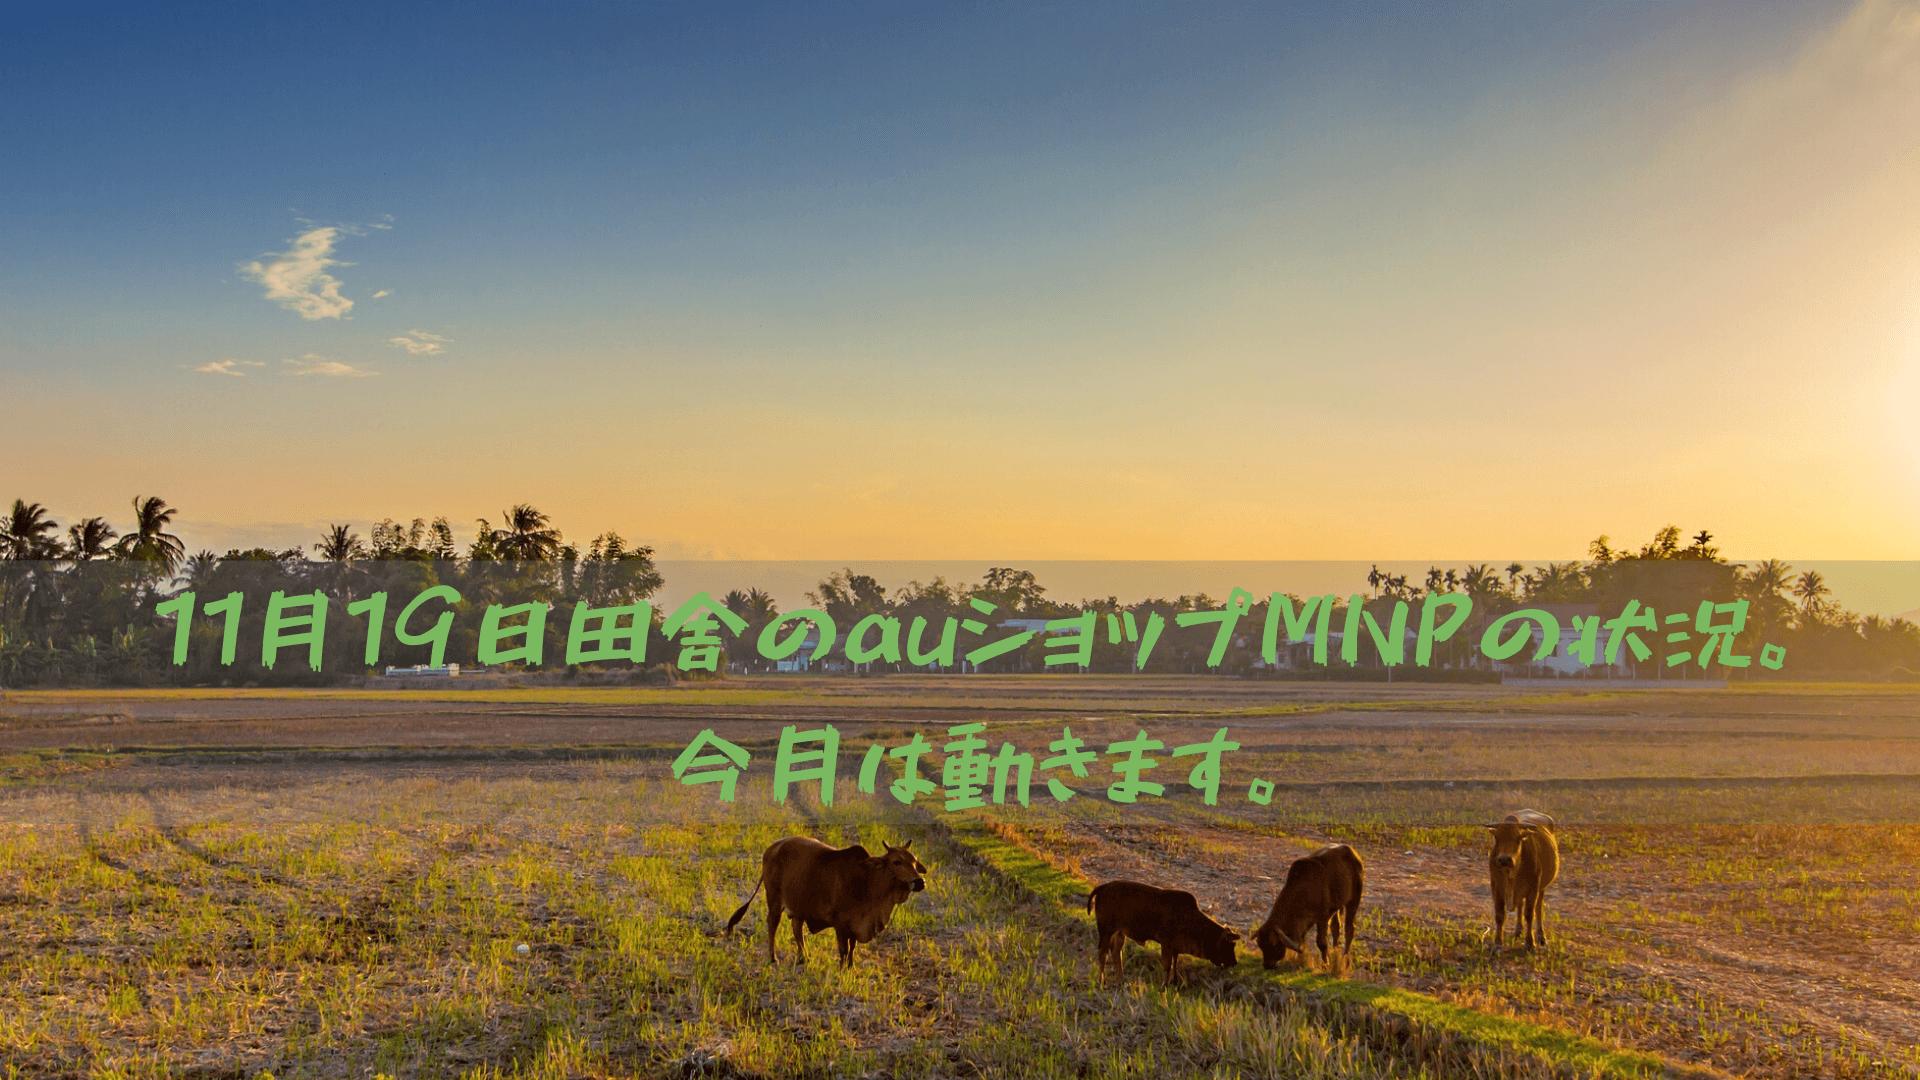 11月19日田舎のauショップMNPの状況。今月は動きます。